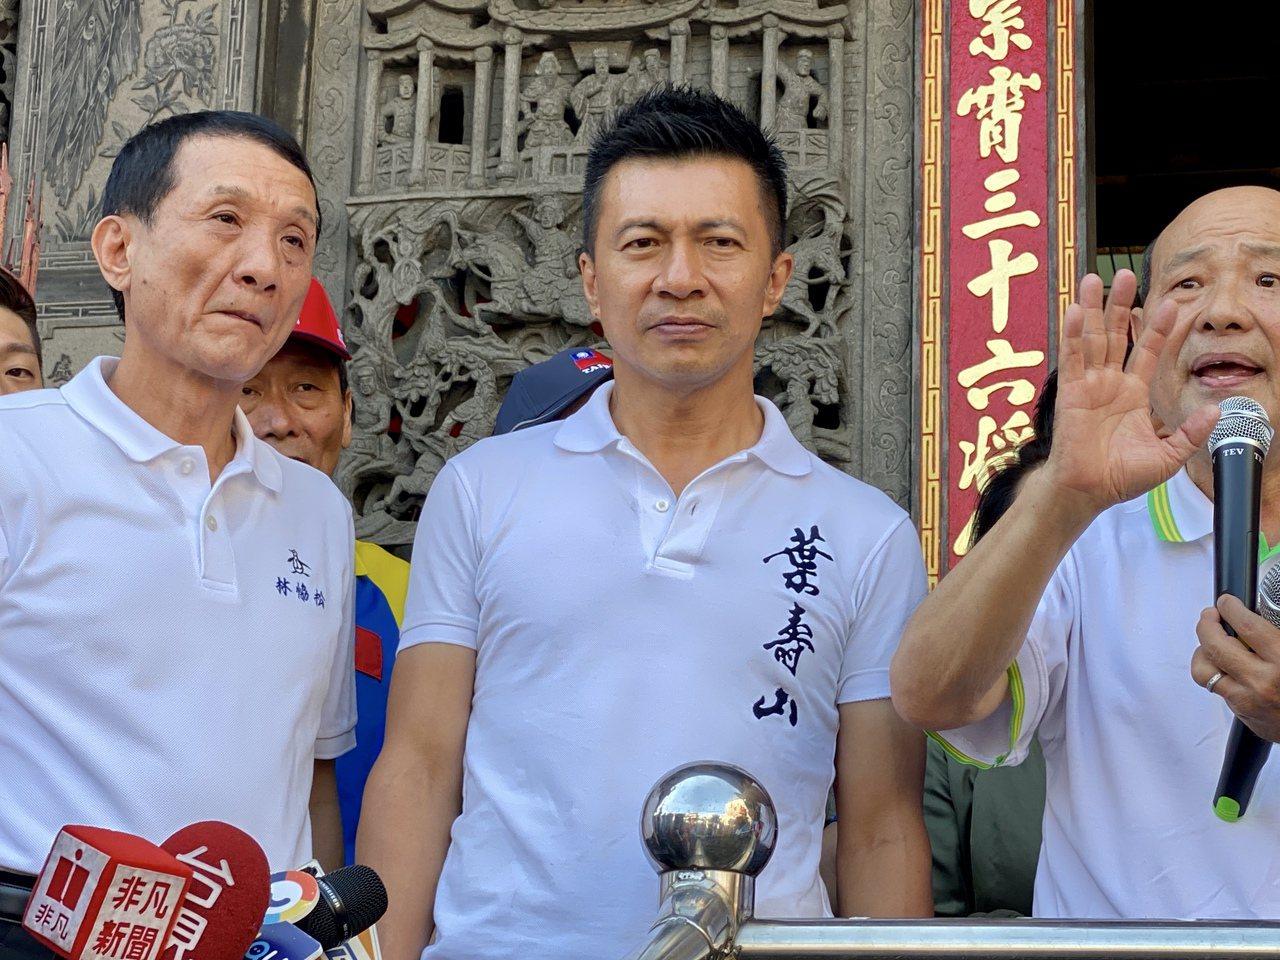 國民黨屏東第一選區立委參選人葉壽山(中)表示,恭喜對手整合成功,自己會更加努力。...